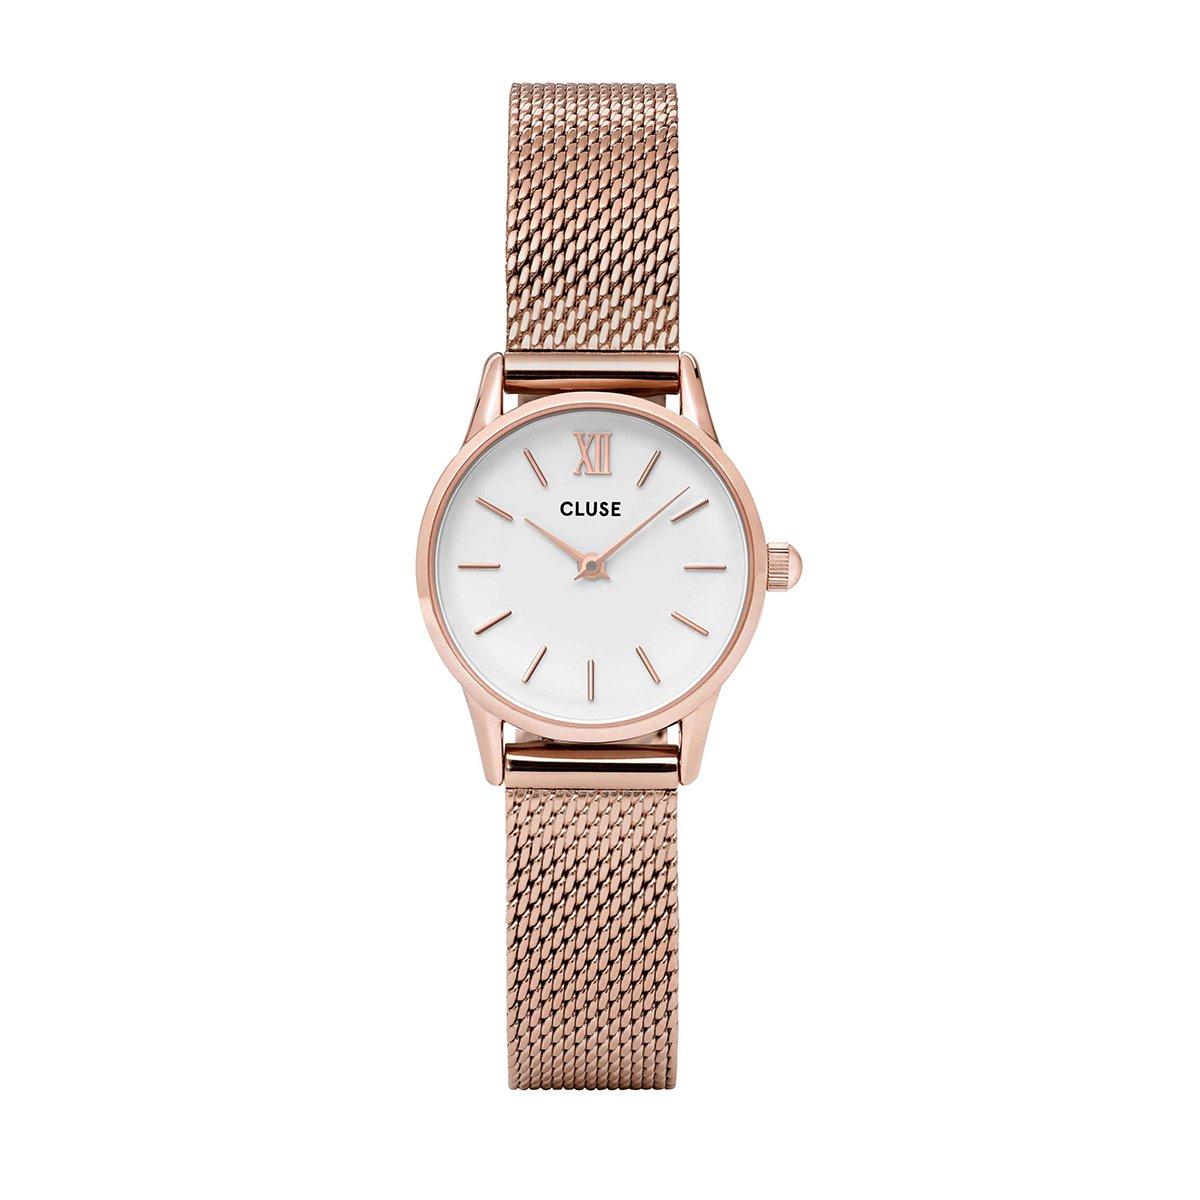 Růžové dámské hodinky - La Vedette Mesh